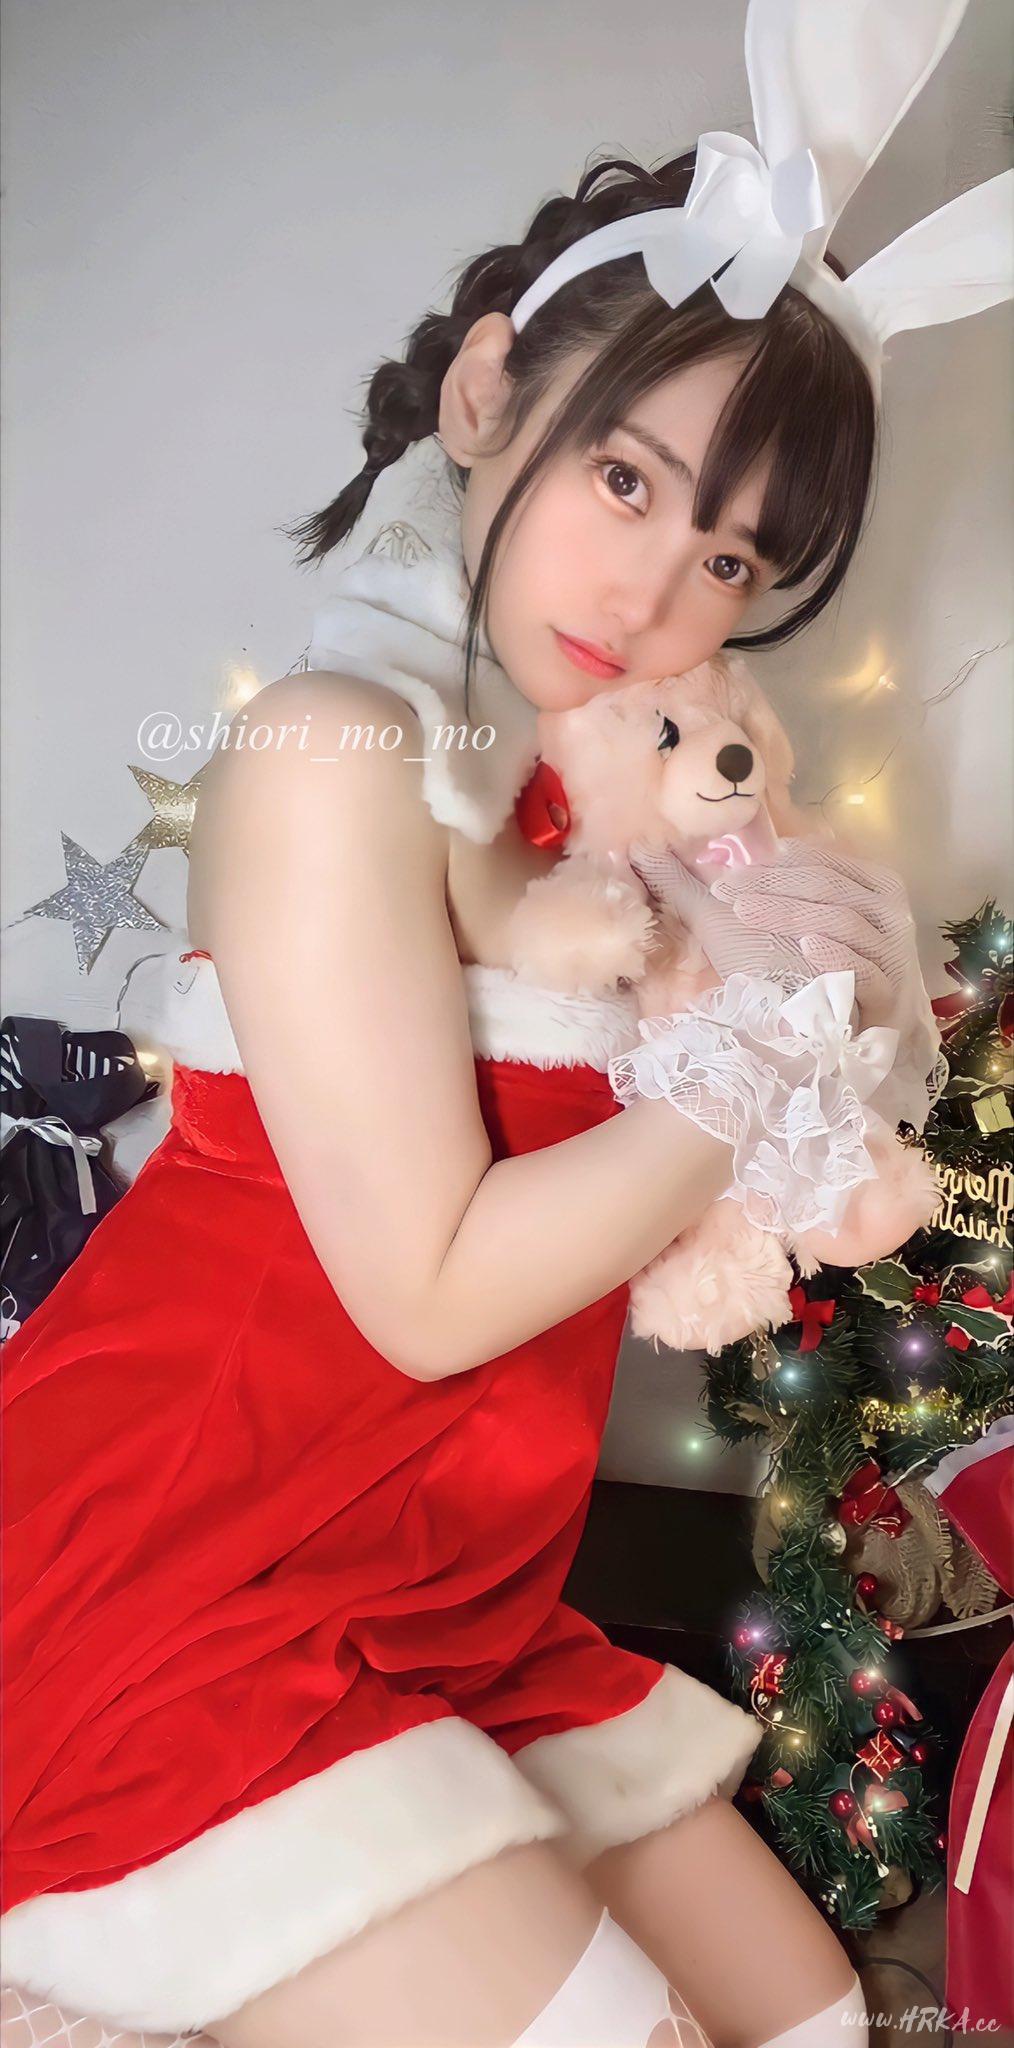 圣诞节 快乐吗?-好人卡